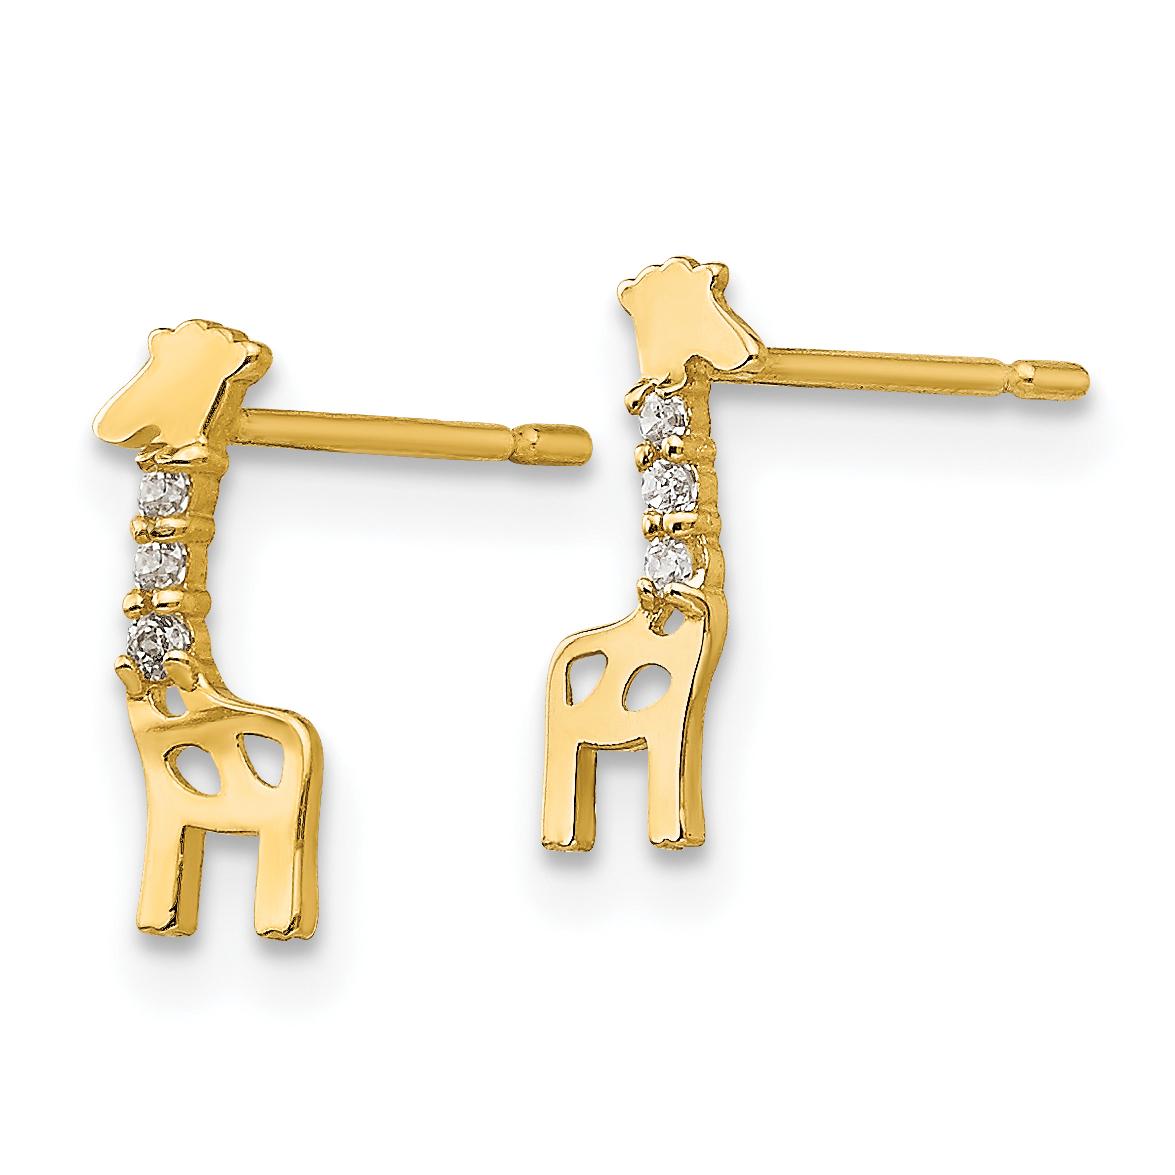 14k Madi K CZ Children's Giraffe Post Earrings GK821 - image 1 de 2